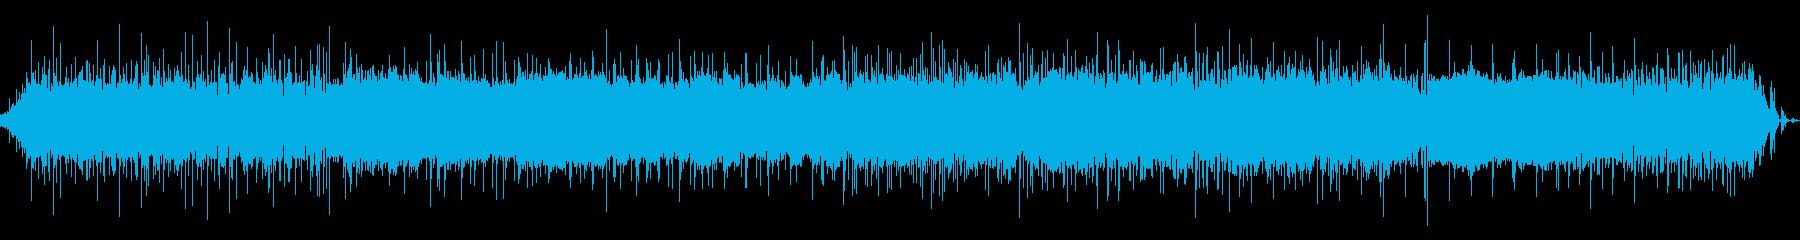 アンビエントテクノの再生済みの波形